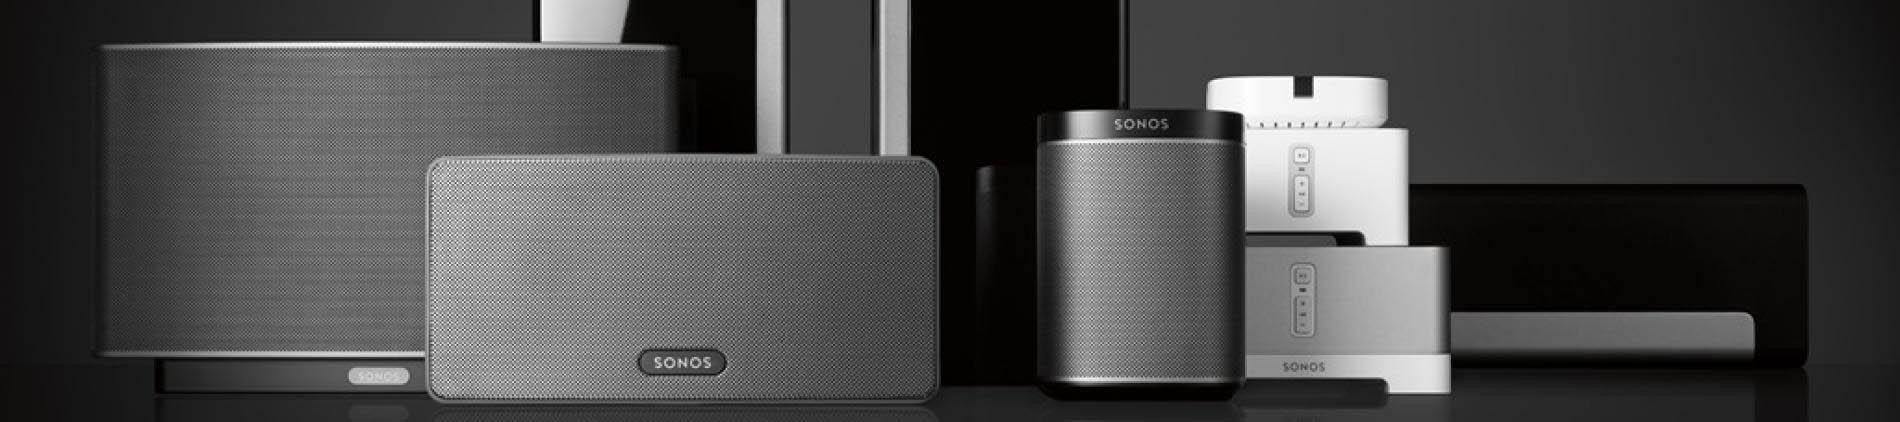 Sonos wireless Hi Fi